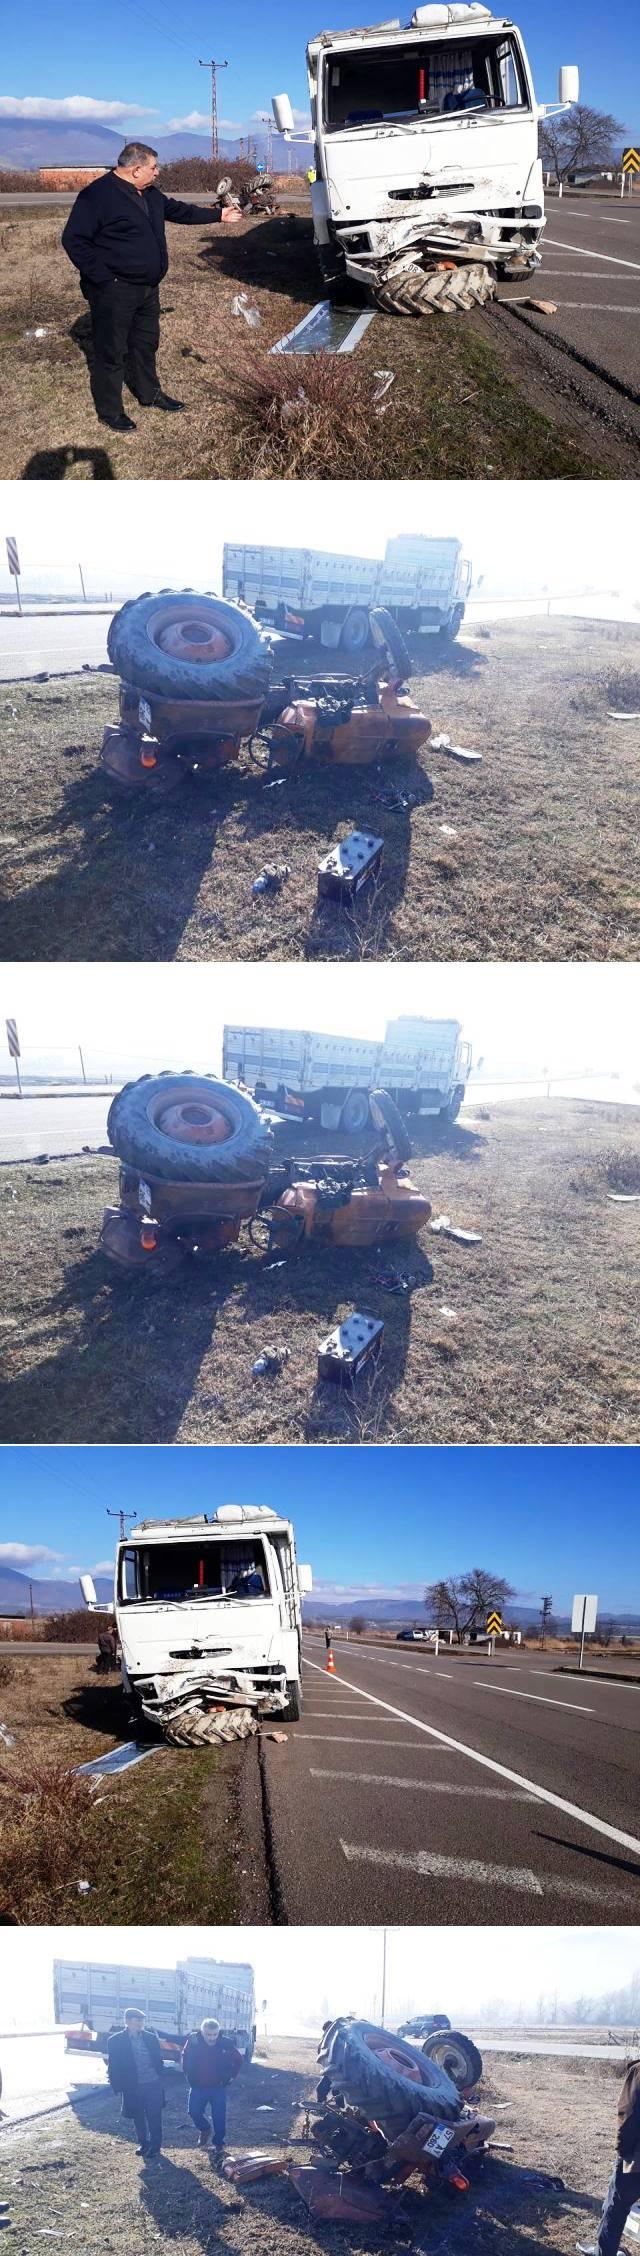 İlçemiz Bektaş Köyü mevkiinde kavşaktan köye dönmek isteyen traktör, sis nedeni ile kamyonla çarpıştı.